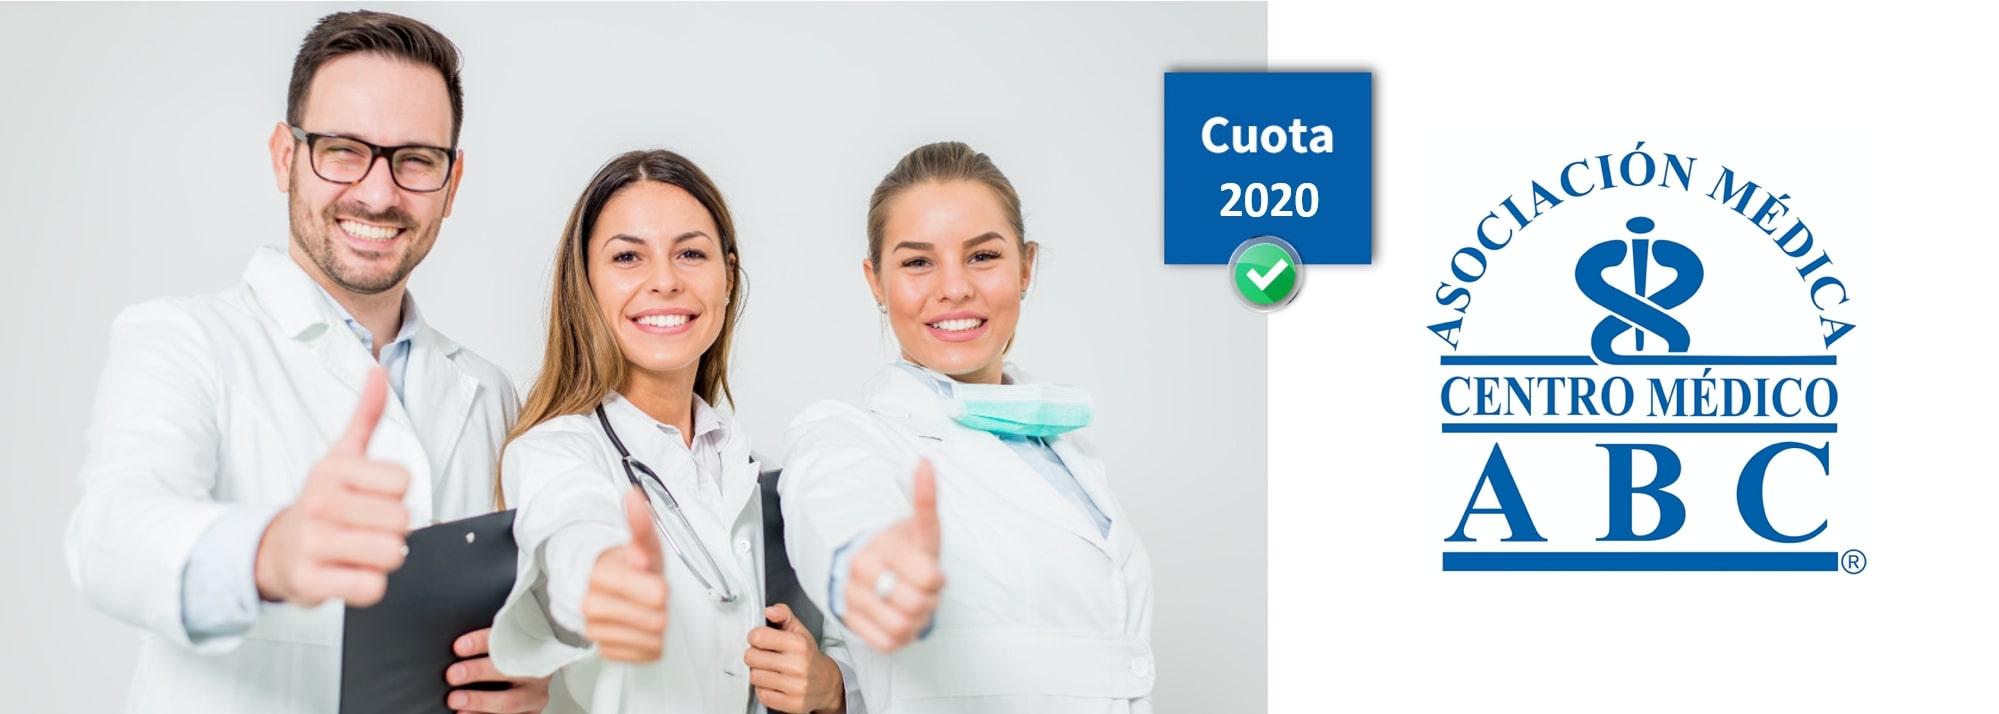 cuotas-2020-update